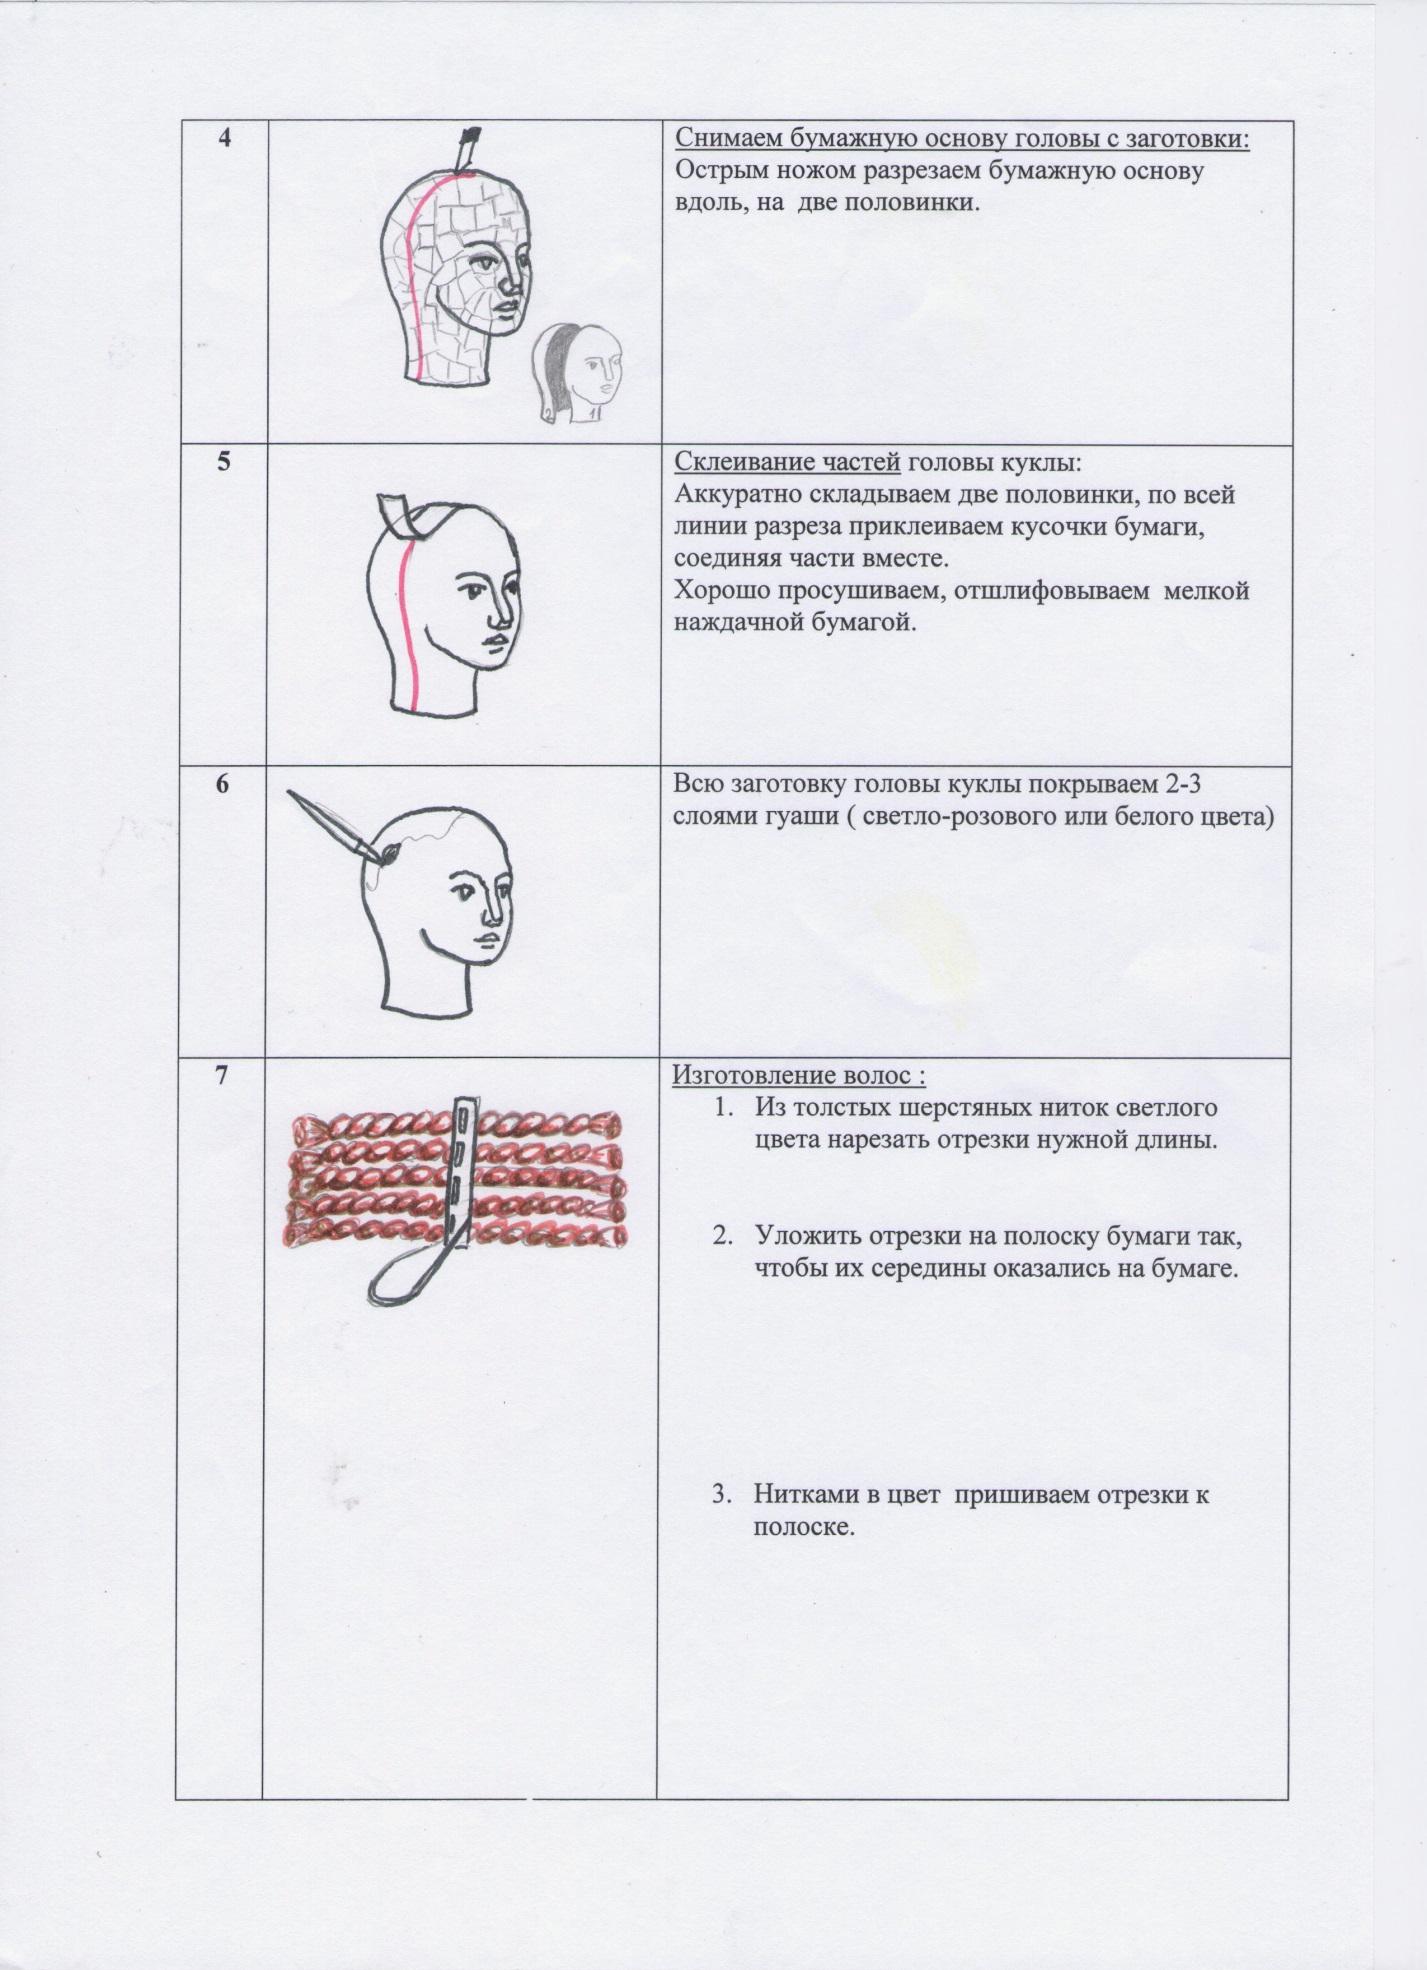 D:\с флешки\Методическая разработка\11. Инструкционная карта 2 лист.jpg